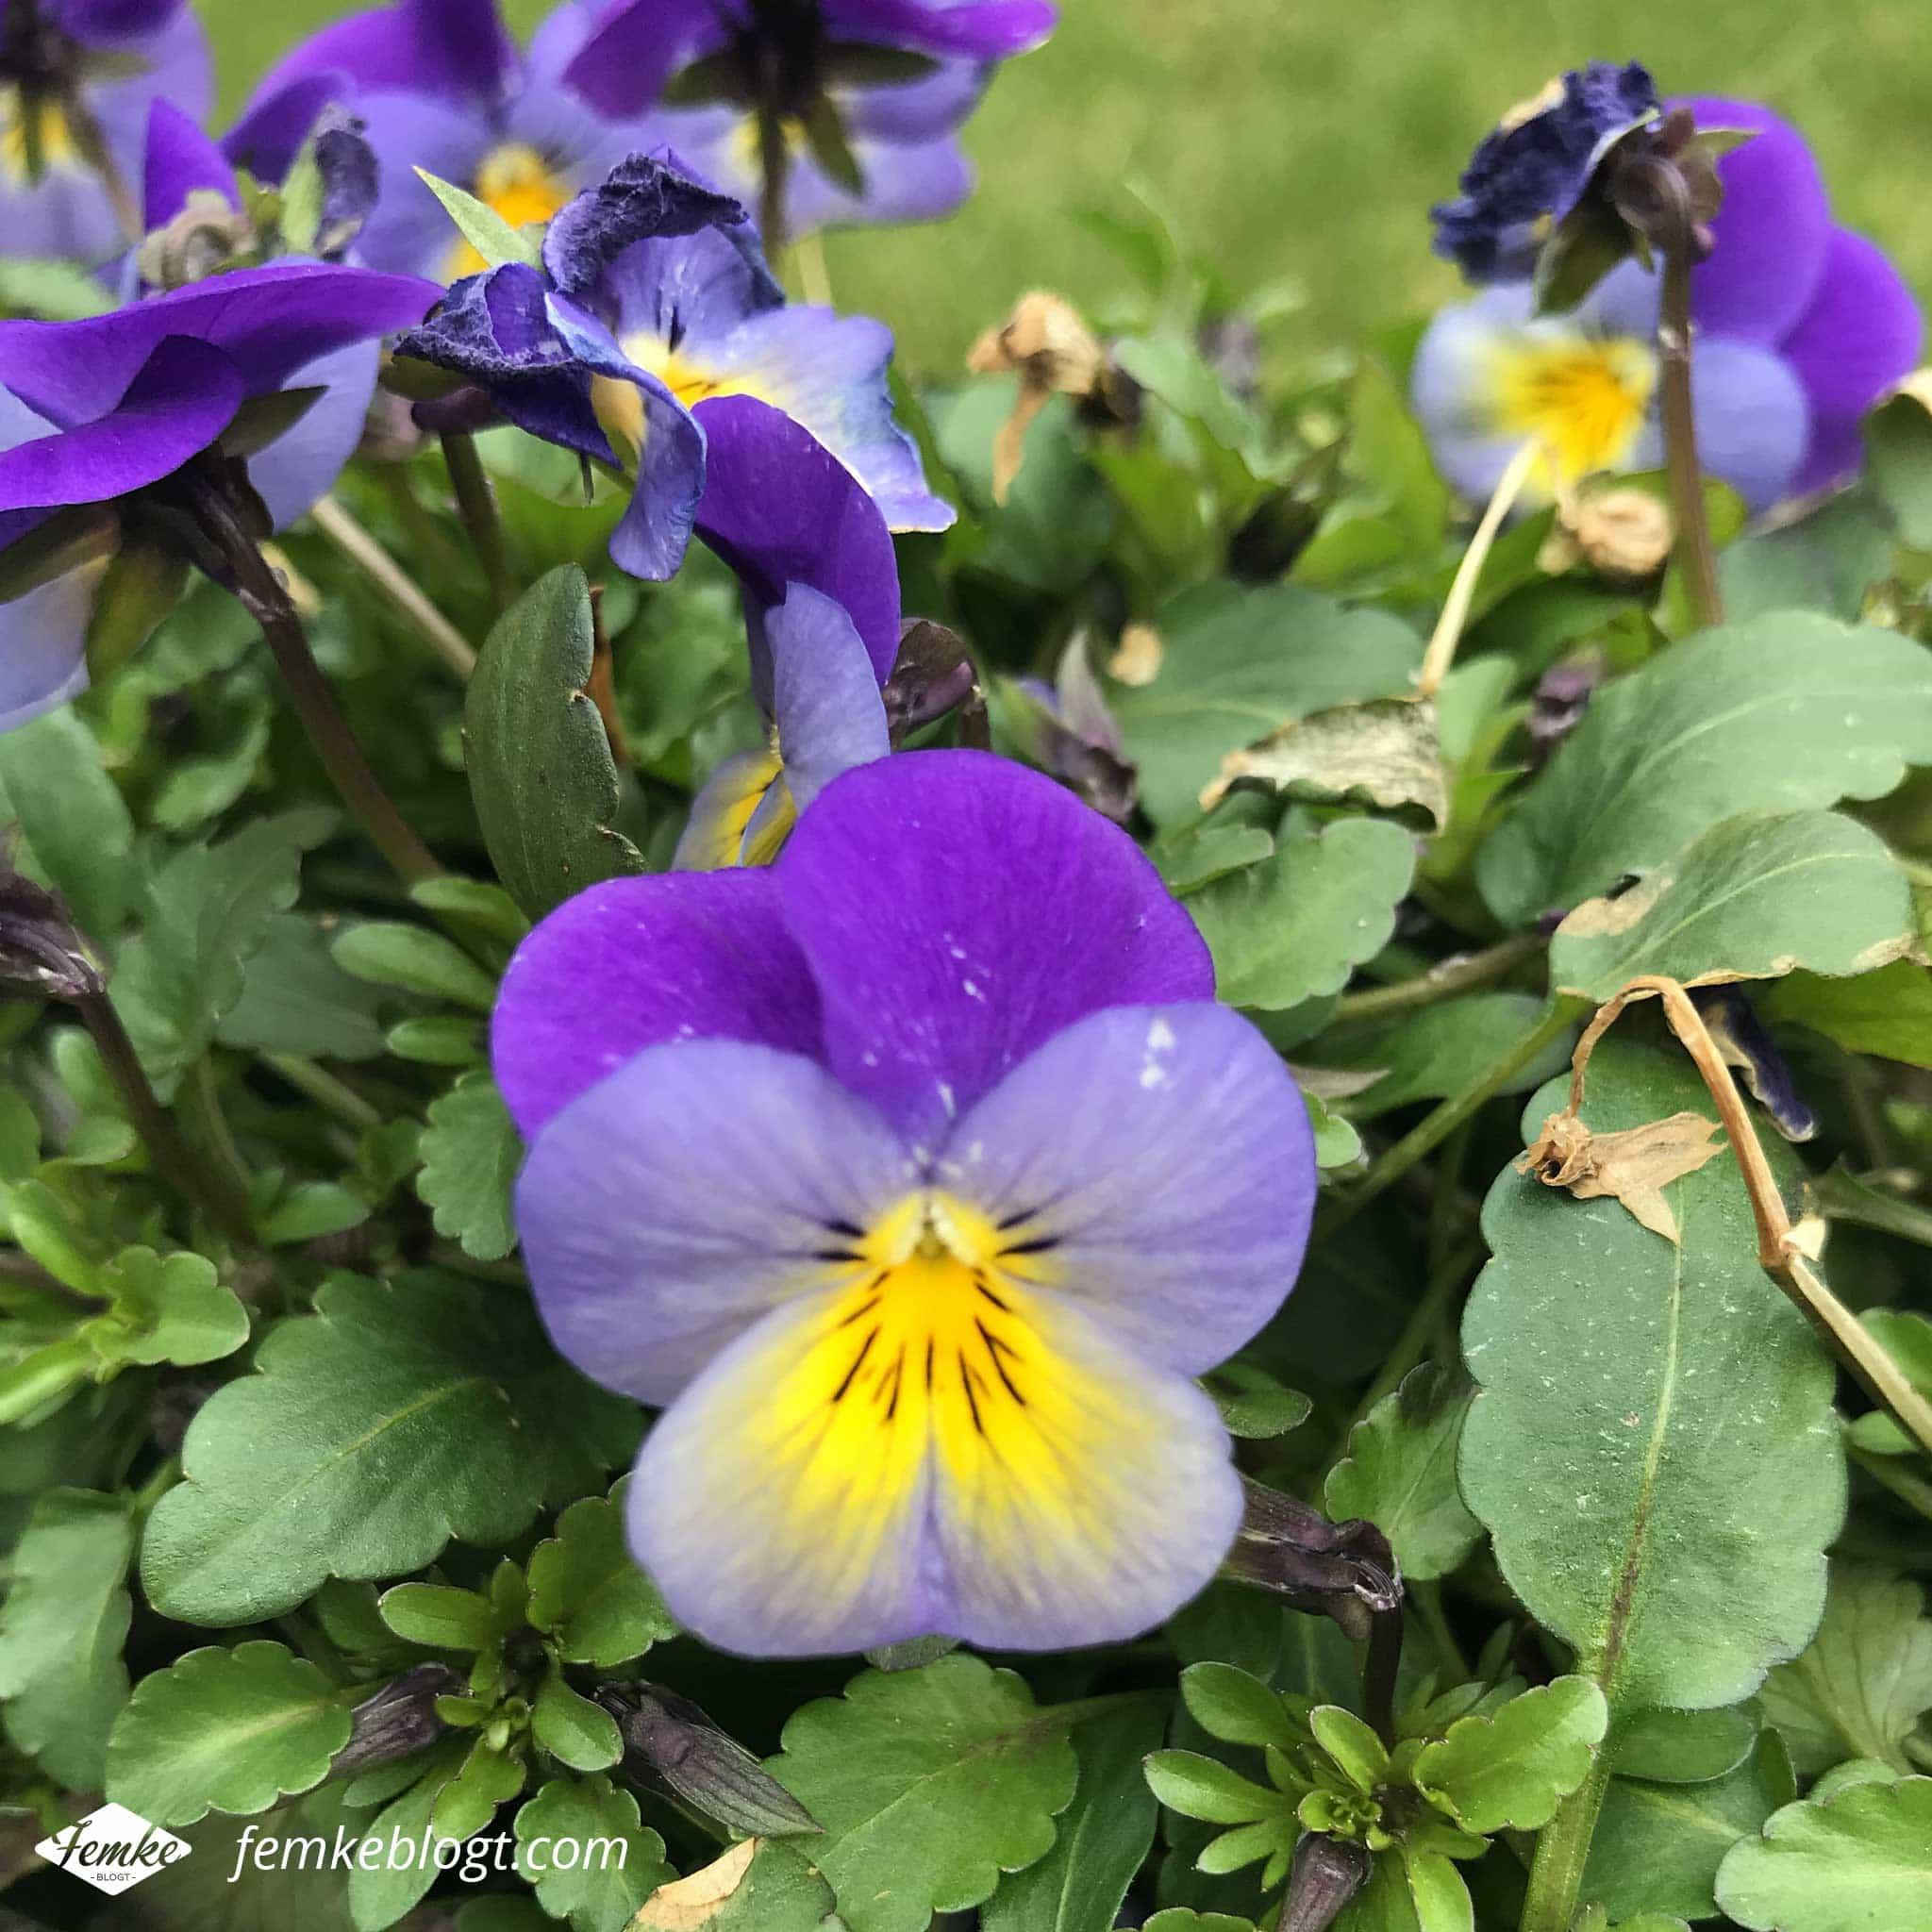 Maandoverzicht maart | Lente, viooltjes in de tuin!